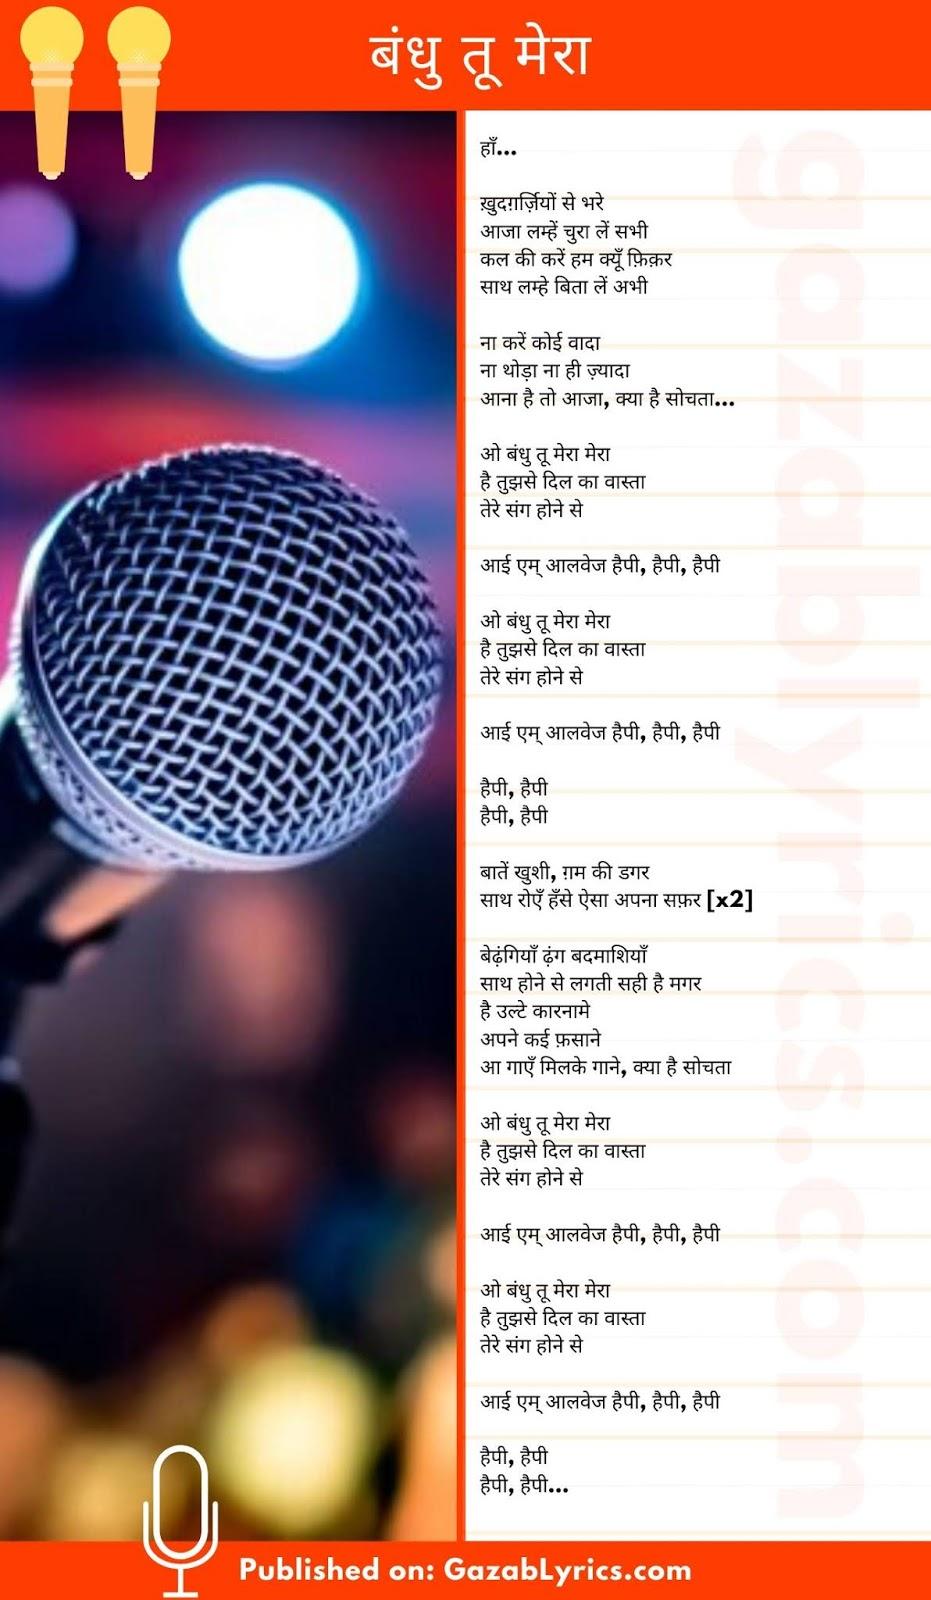 Bandhu Tu Mera song lyrics image